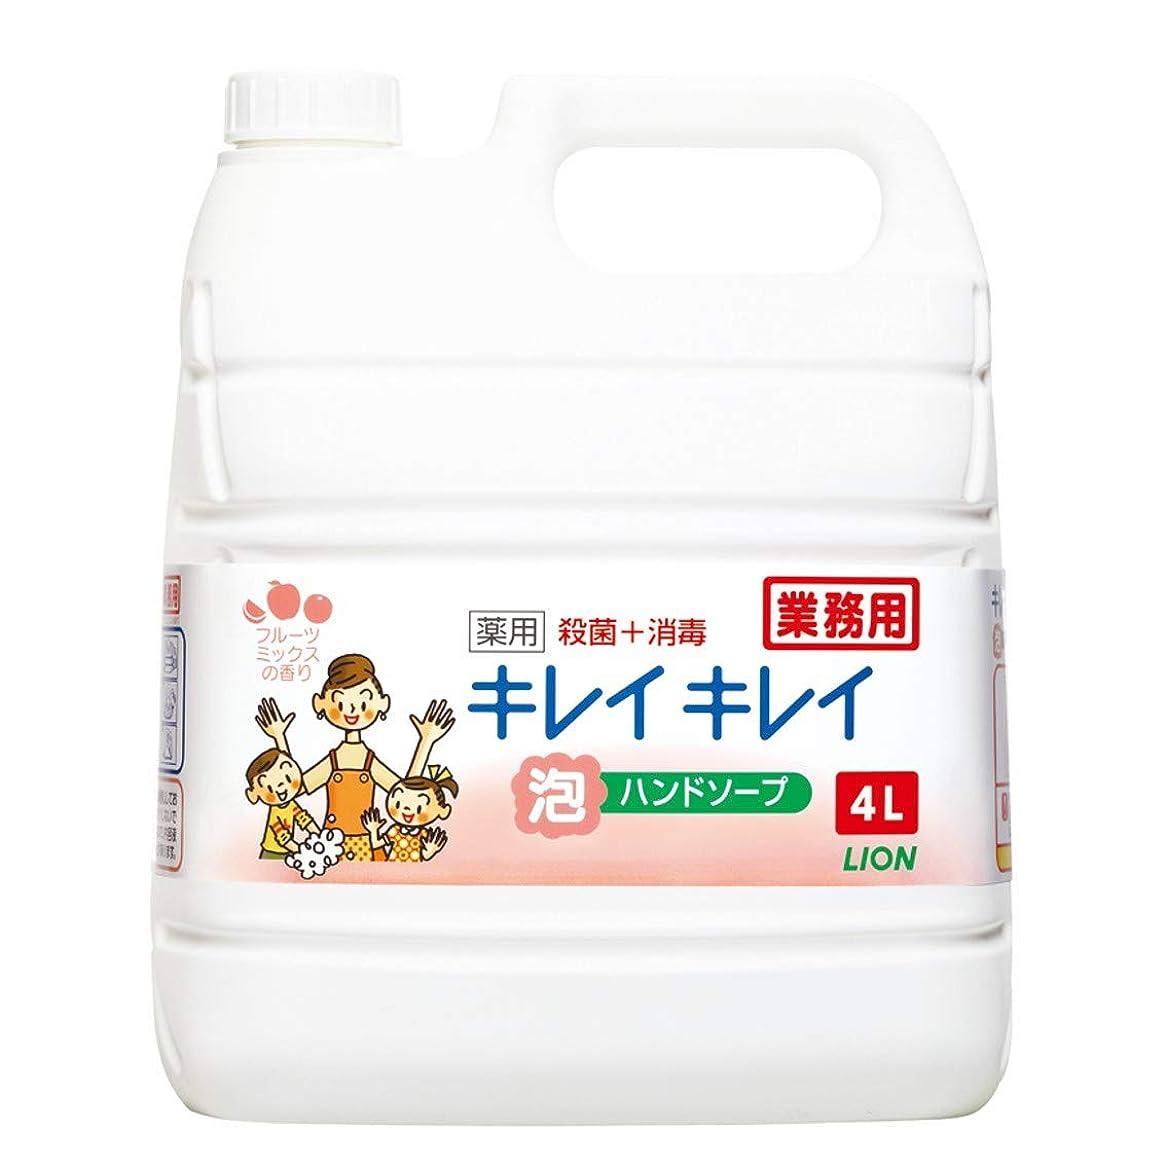 気配りのある励起スペシャリスト【業務用 大容量】キレイキレイ 薬用 泡ハンドソープフルーツミックスの香り 4L(医薬部外品)